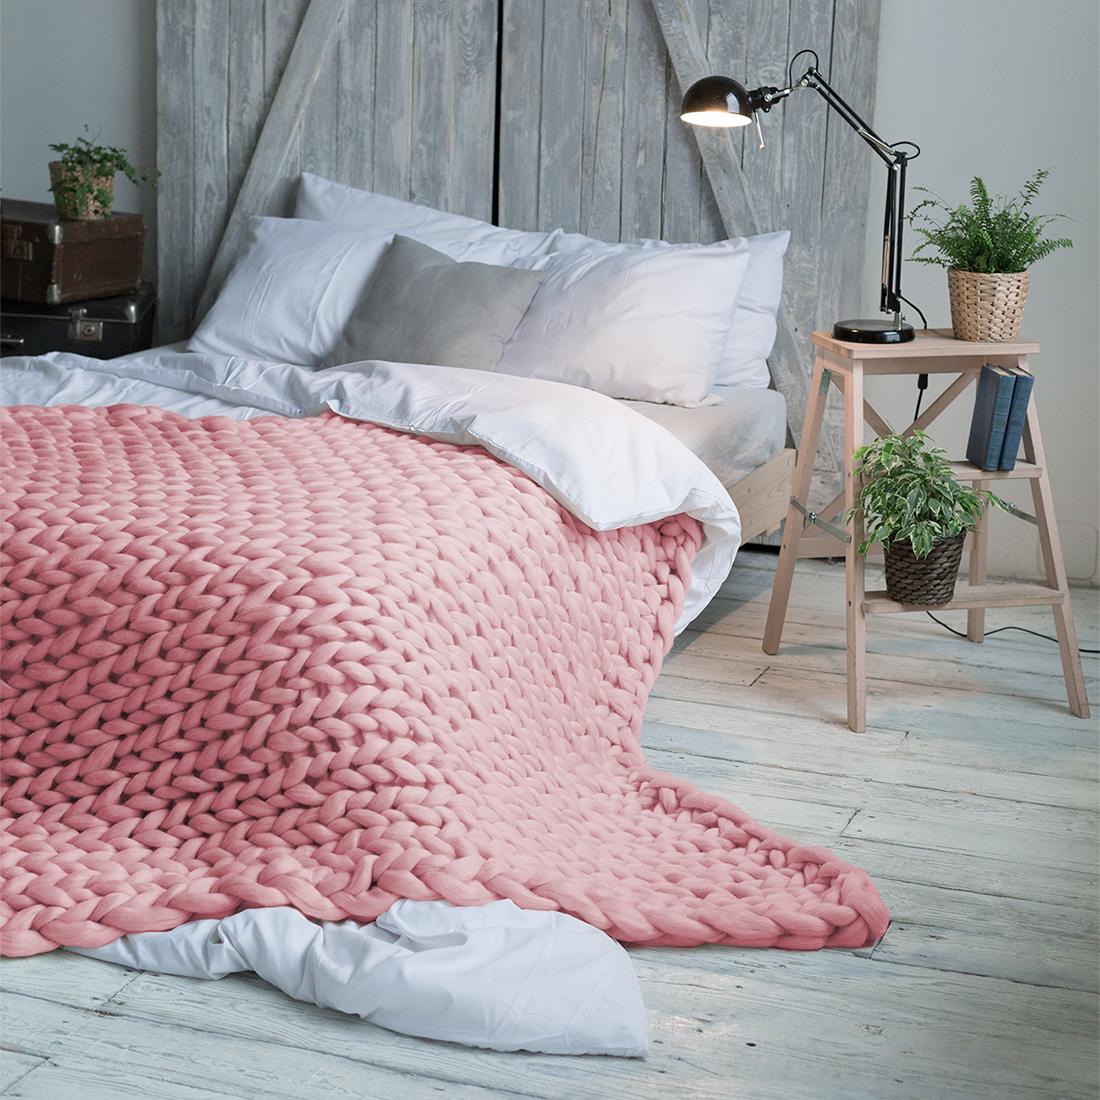 Плед Dome Hygge, цвет: светло-розовый, 140 см х 200 см